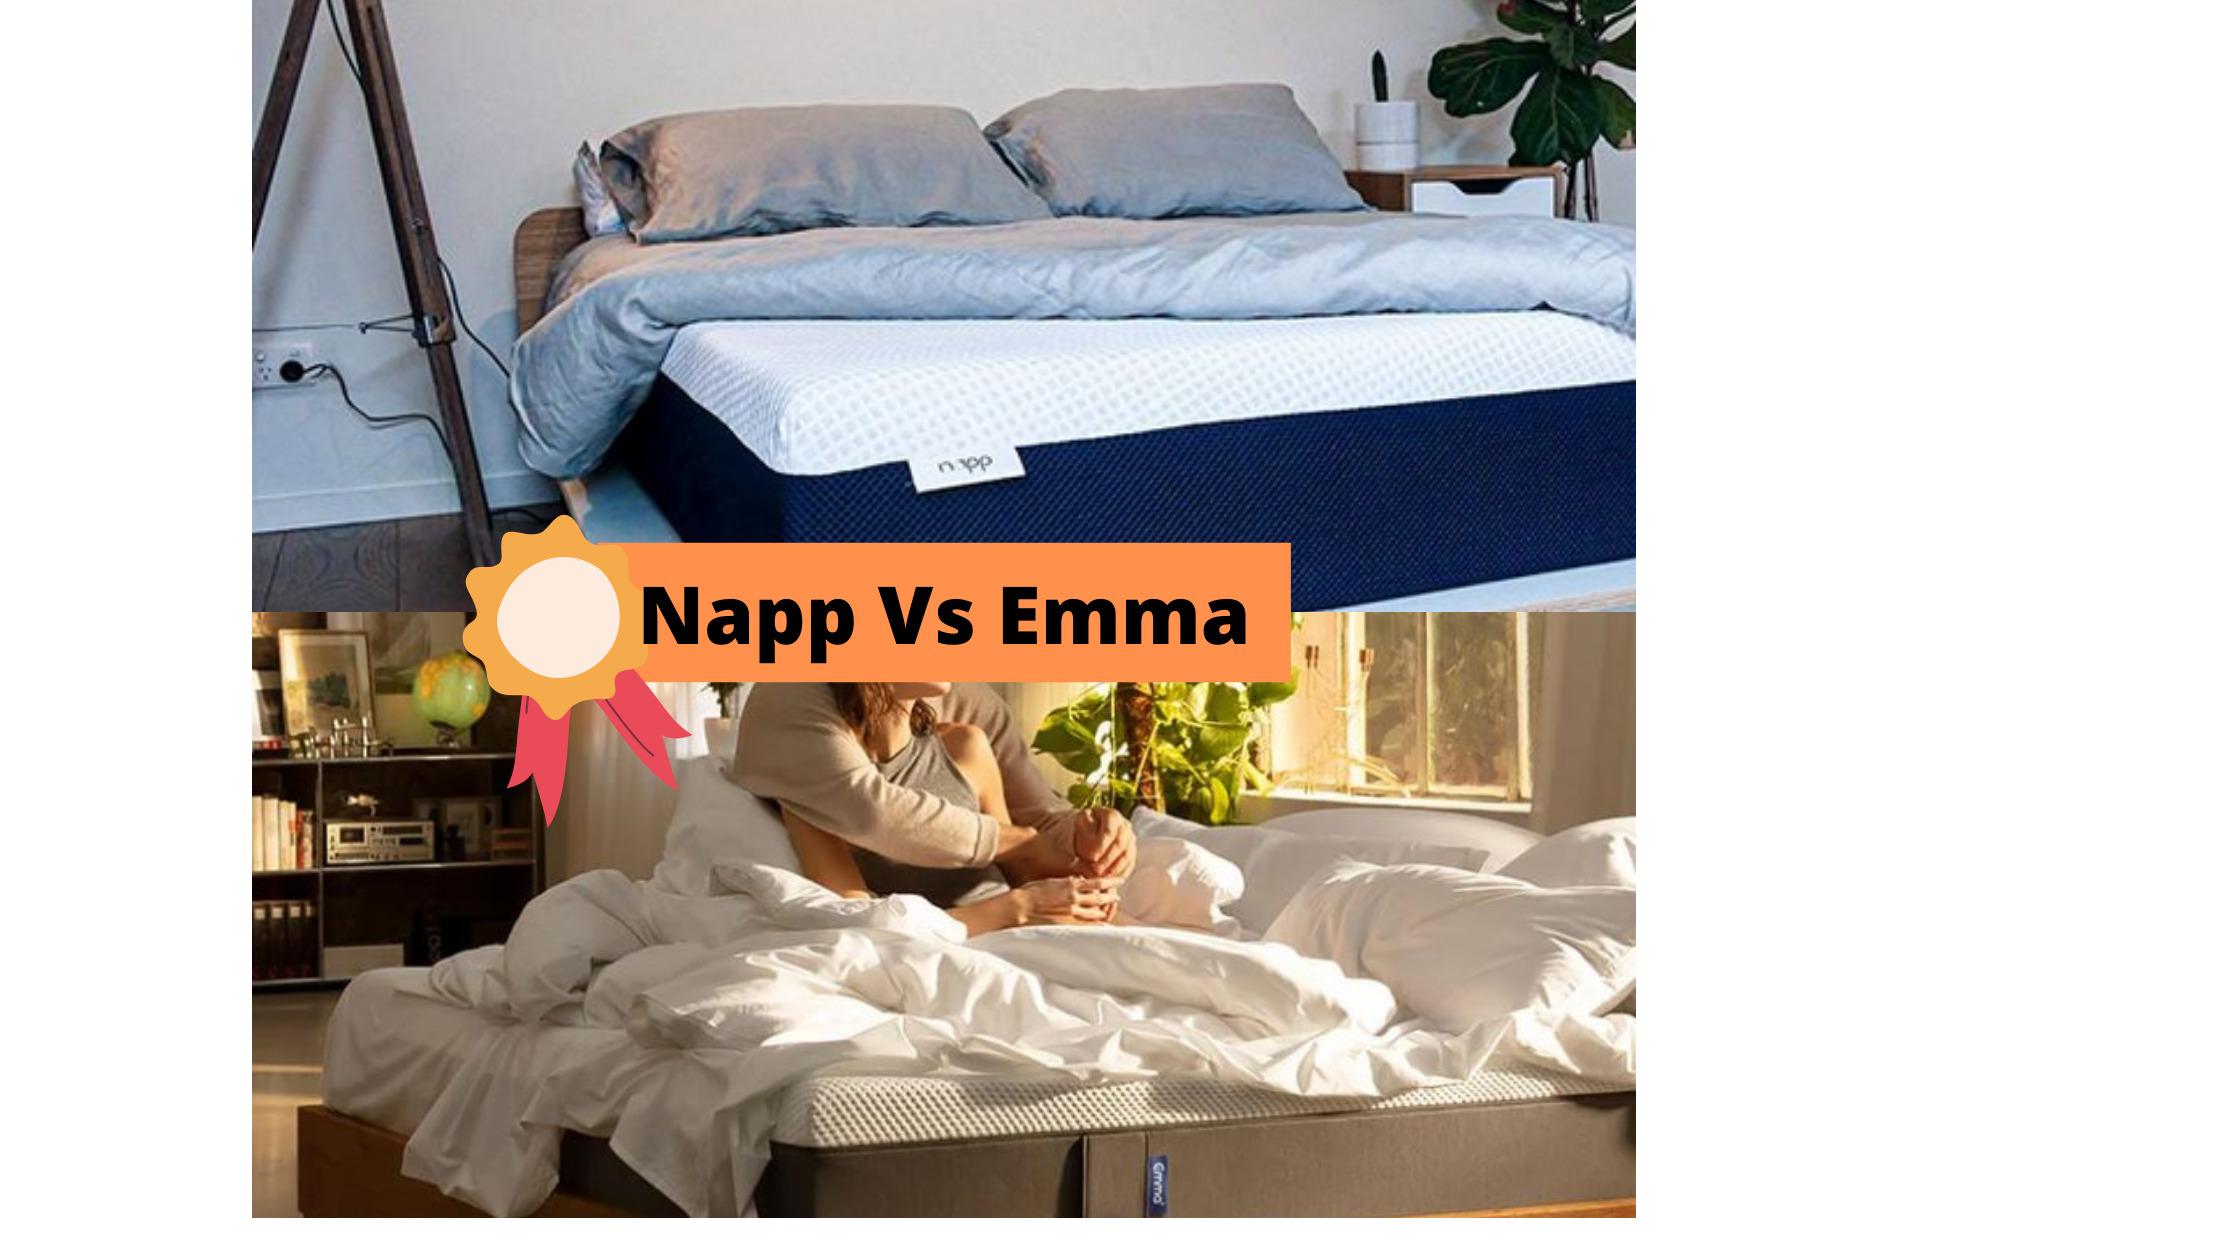 Napp Vs Emma - Mattress In A Box Comparison